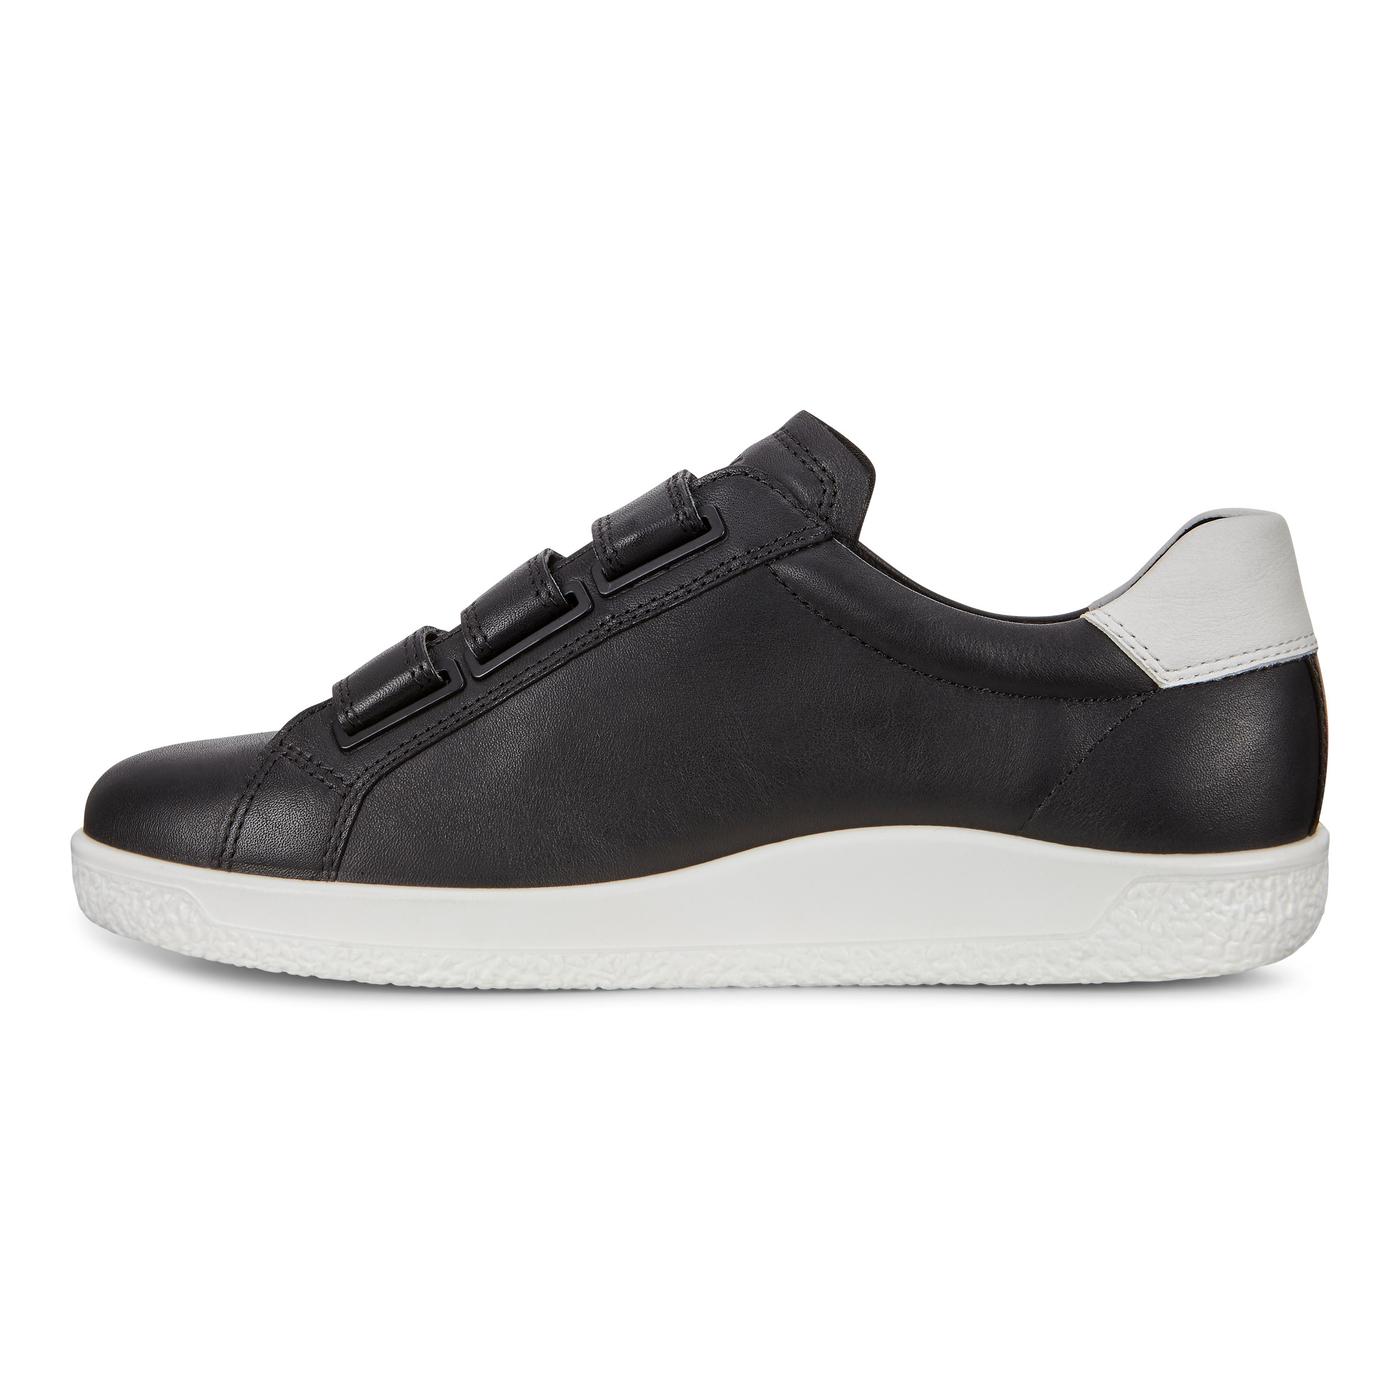 Sneaker ECCO SOFT1 3-lanières pour femmes